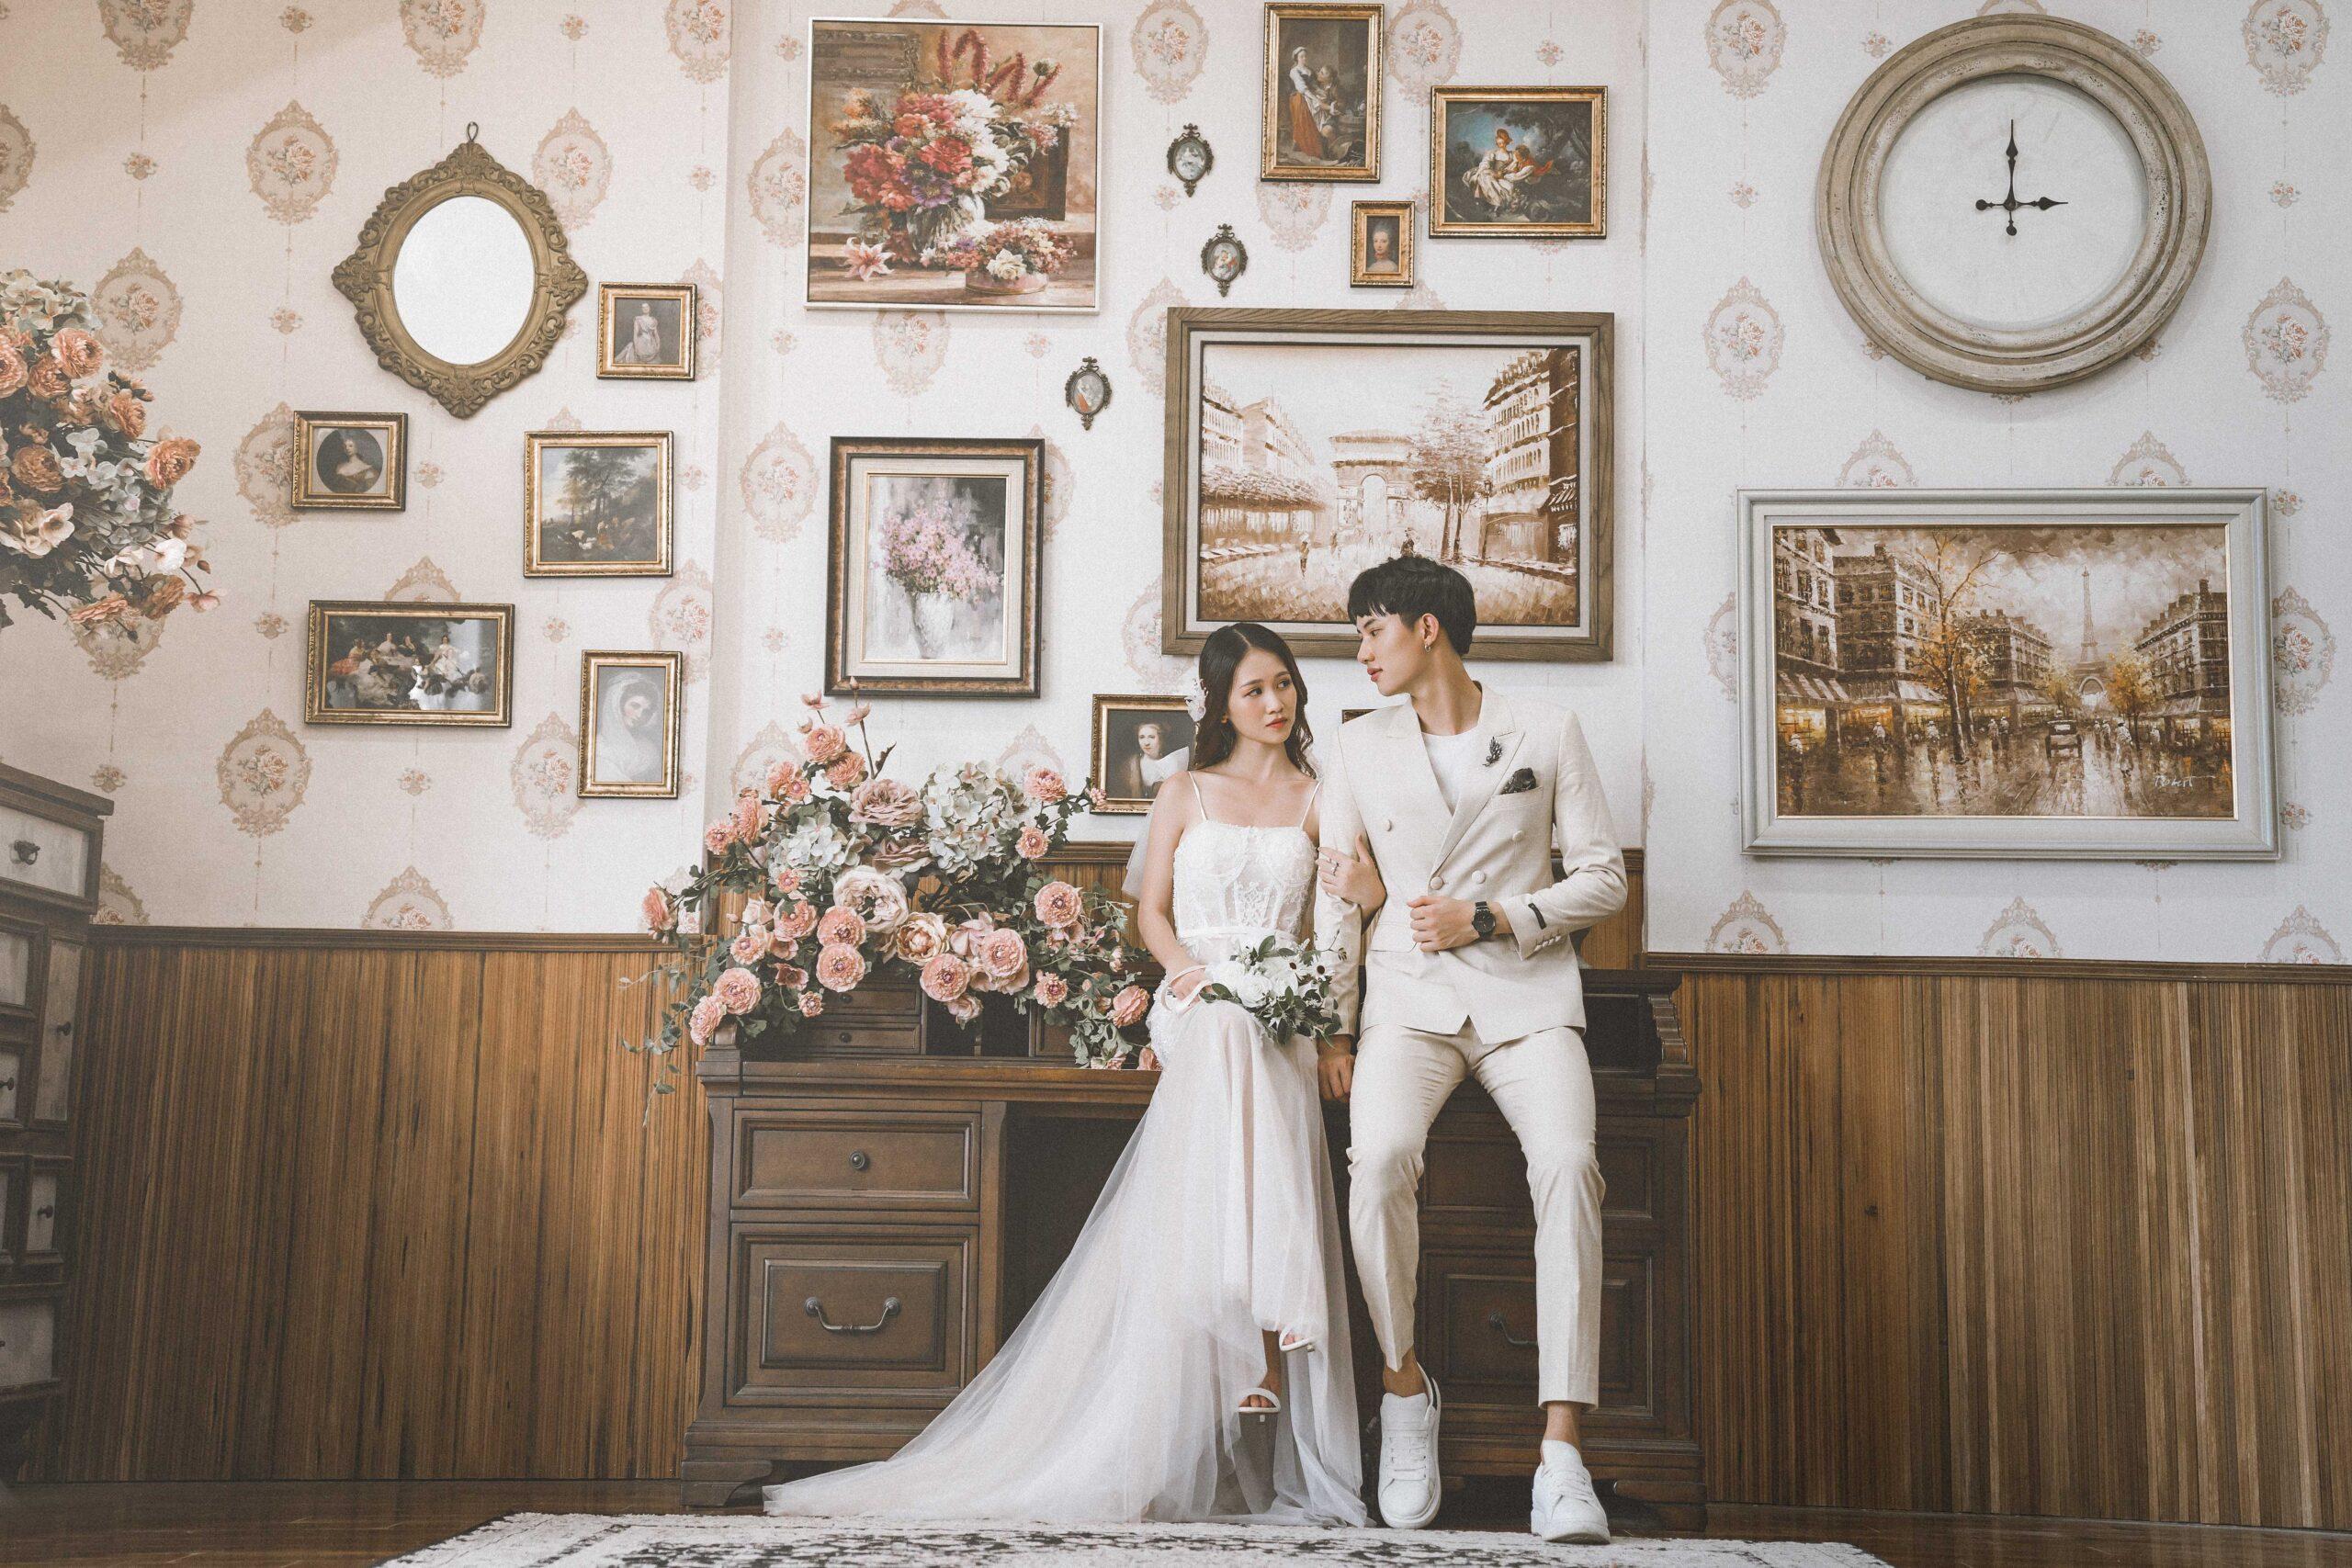 Gói chụp ảnh cưới phim trường